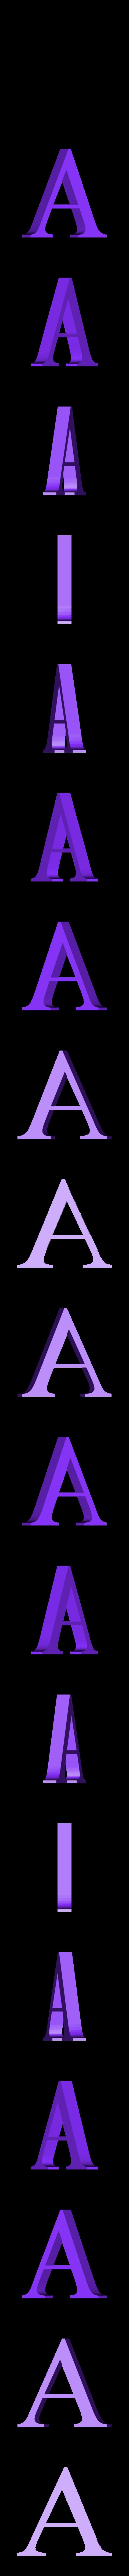 A.STL Télécharger fichier STL gratuit alphabet • Modèle pour imprimante 3D, Cerega